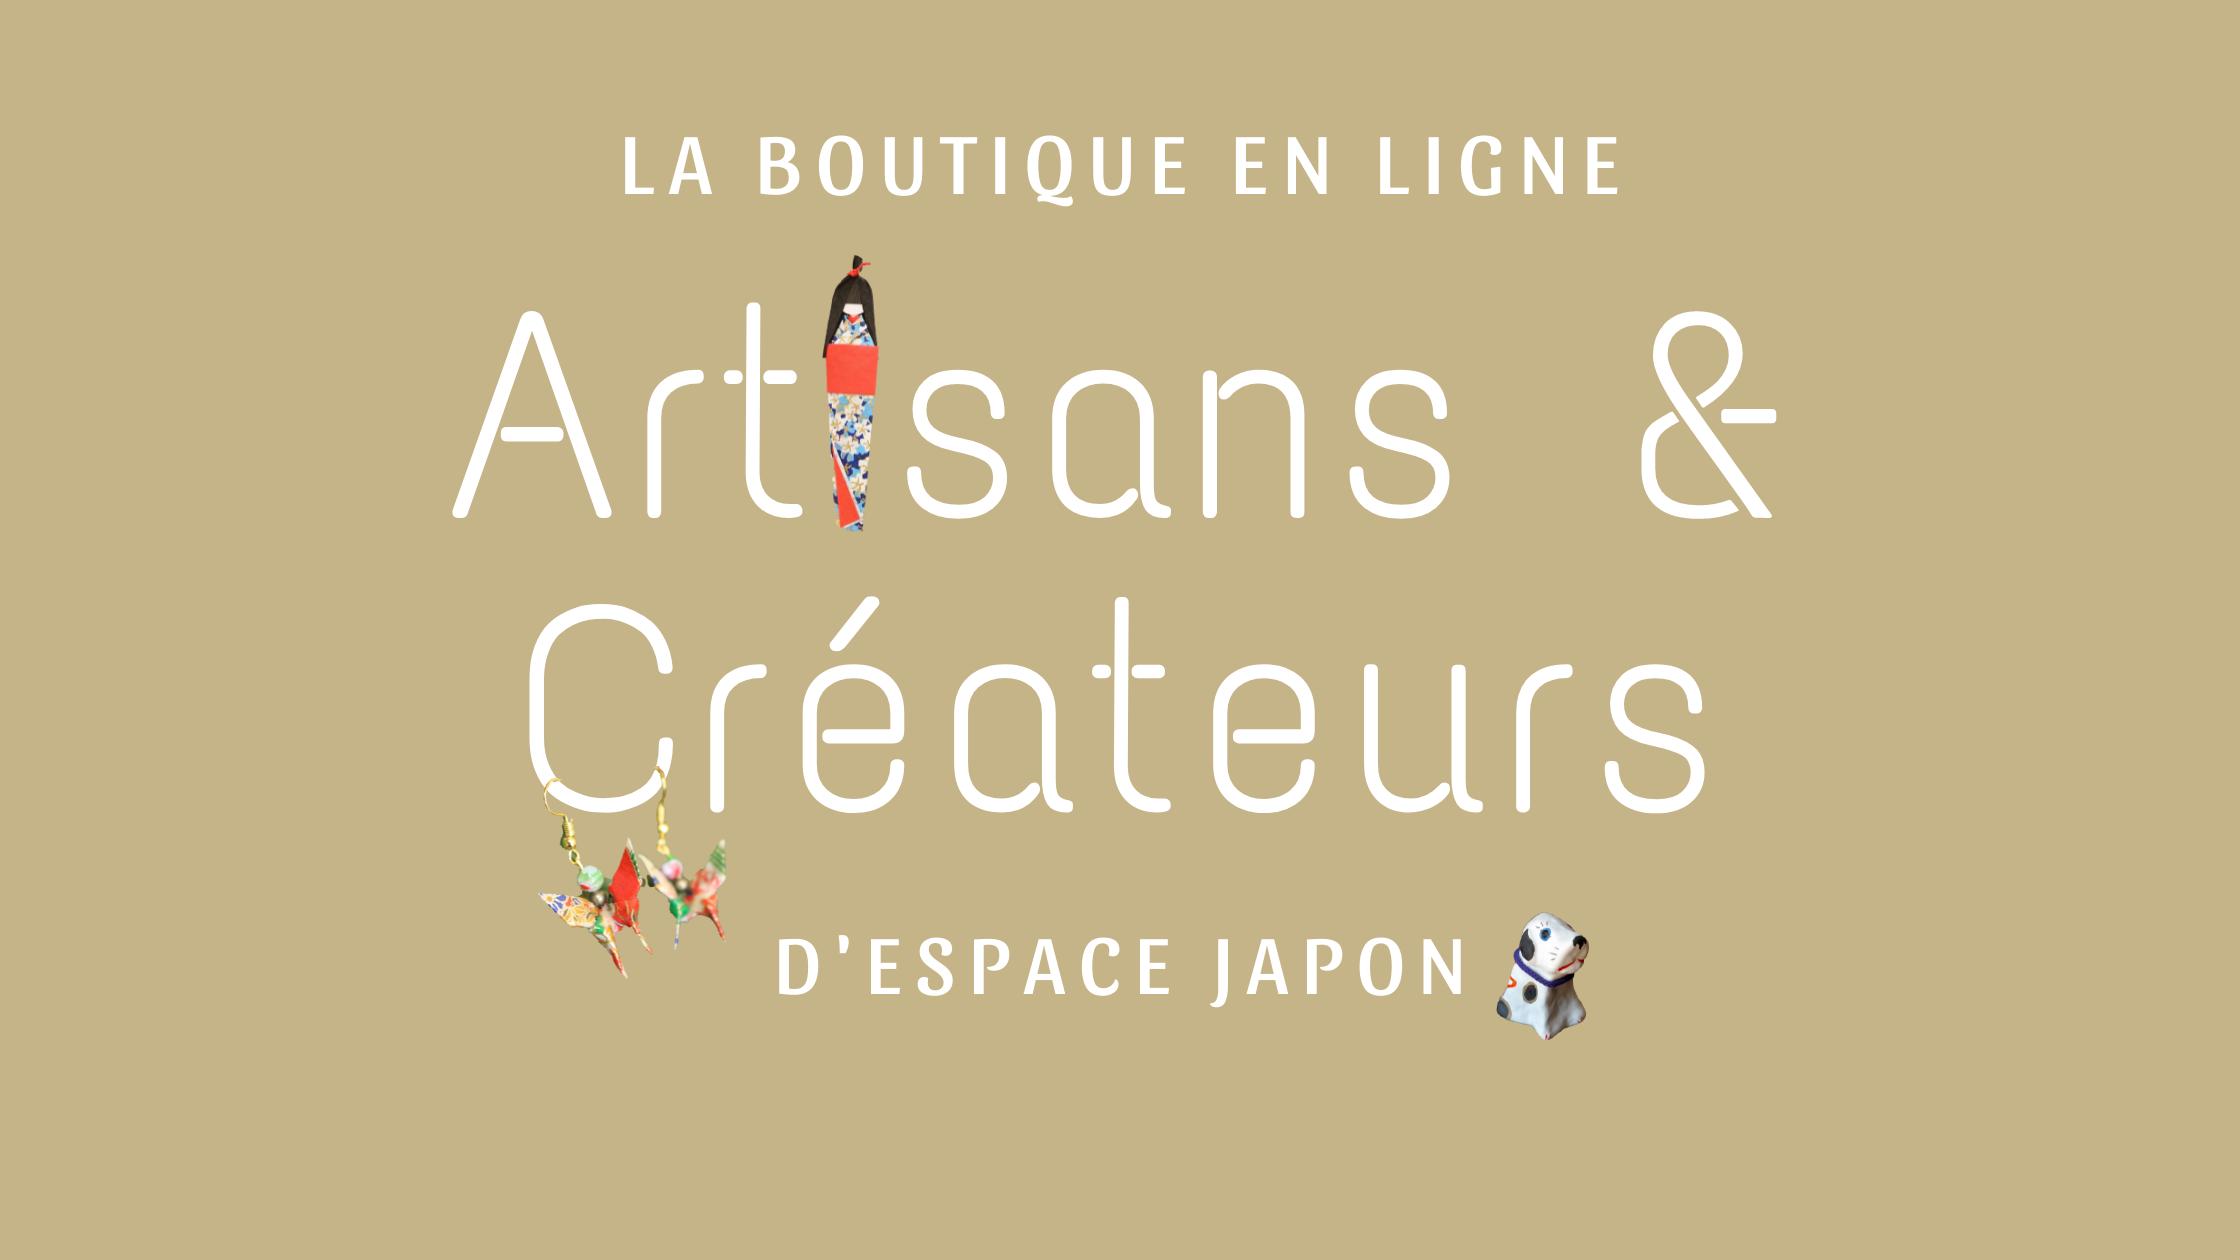 Découvrez notre nouvelle boutique d'artisanat japonais en ligne